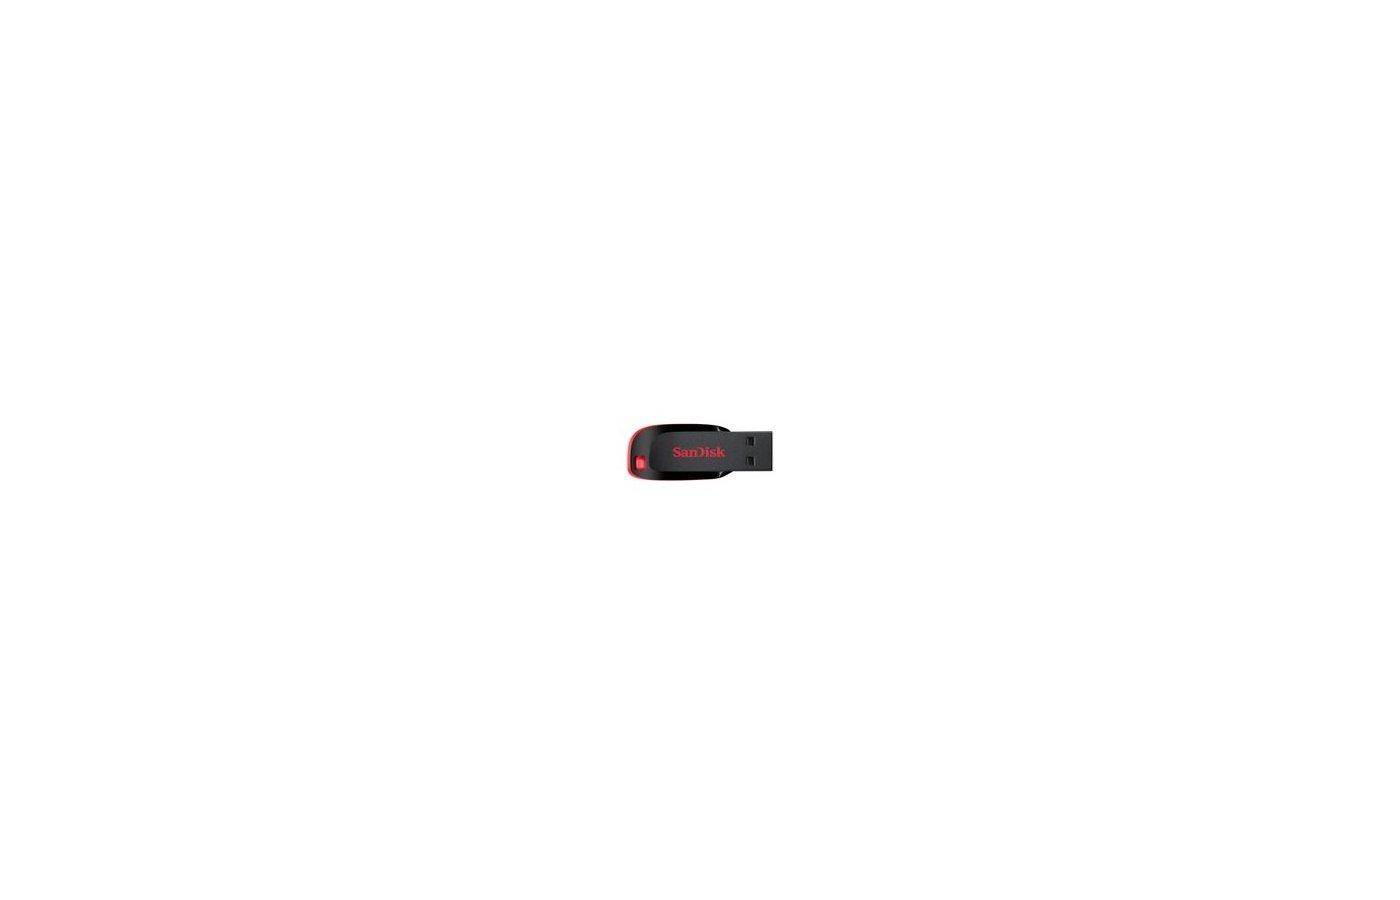 Флеш-диск Sandisk 16Gb Cruzer Blade SDCZ50-016G-B35 USB2.0 черный